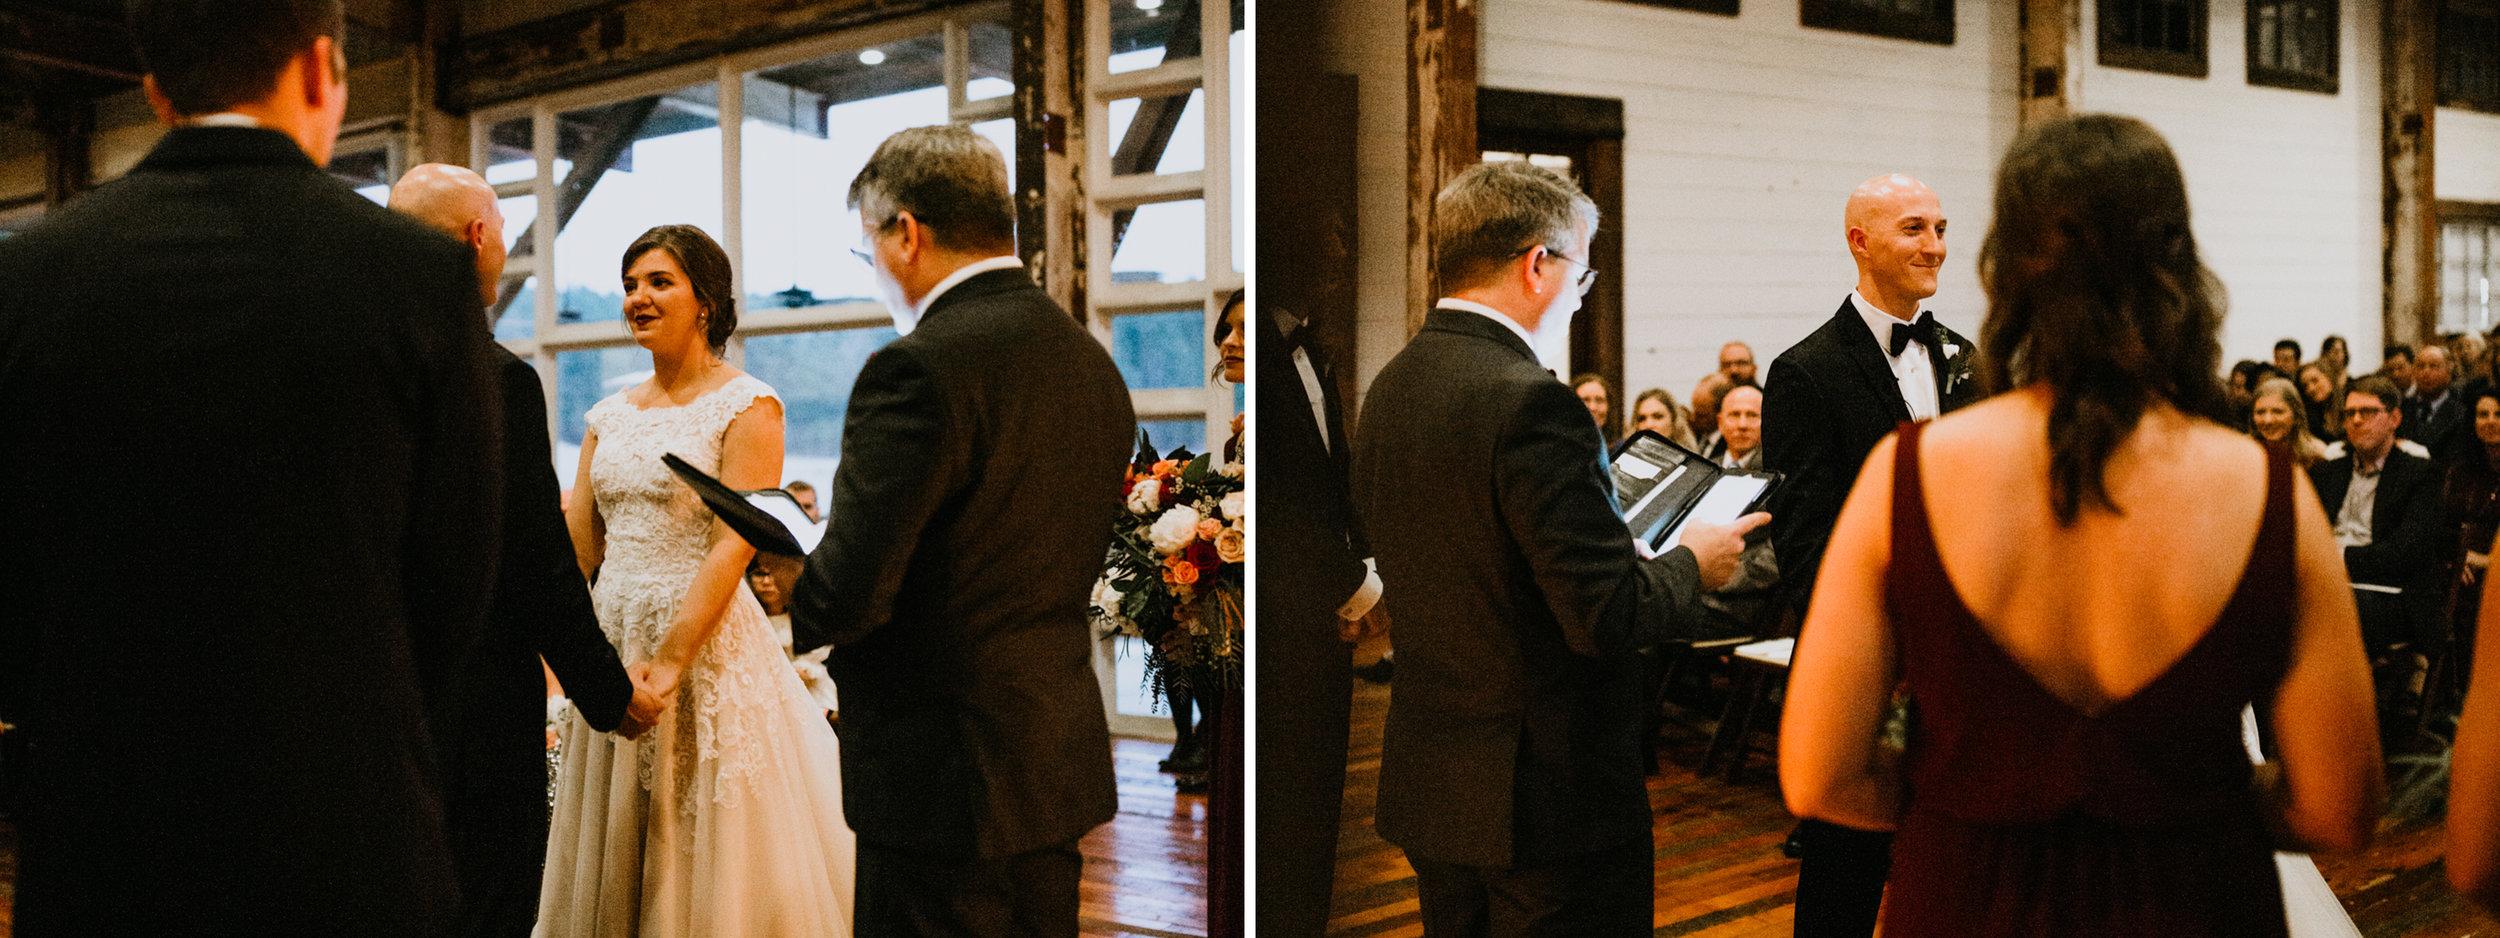 ceremony candelit.jpg